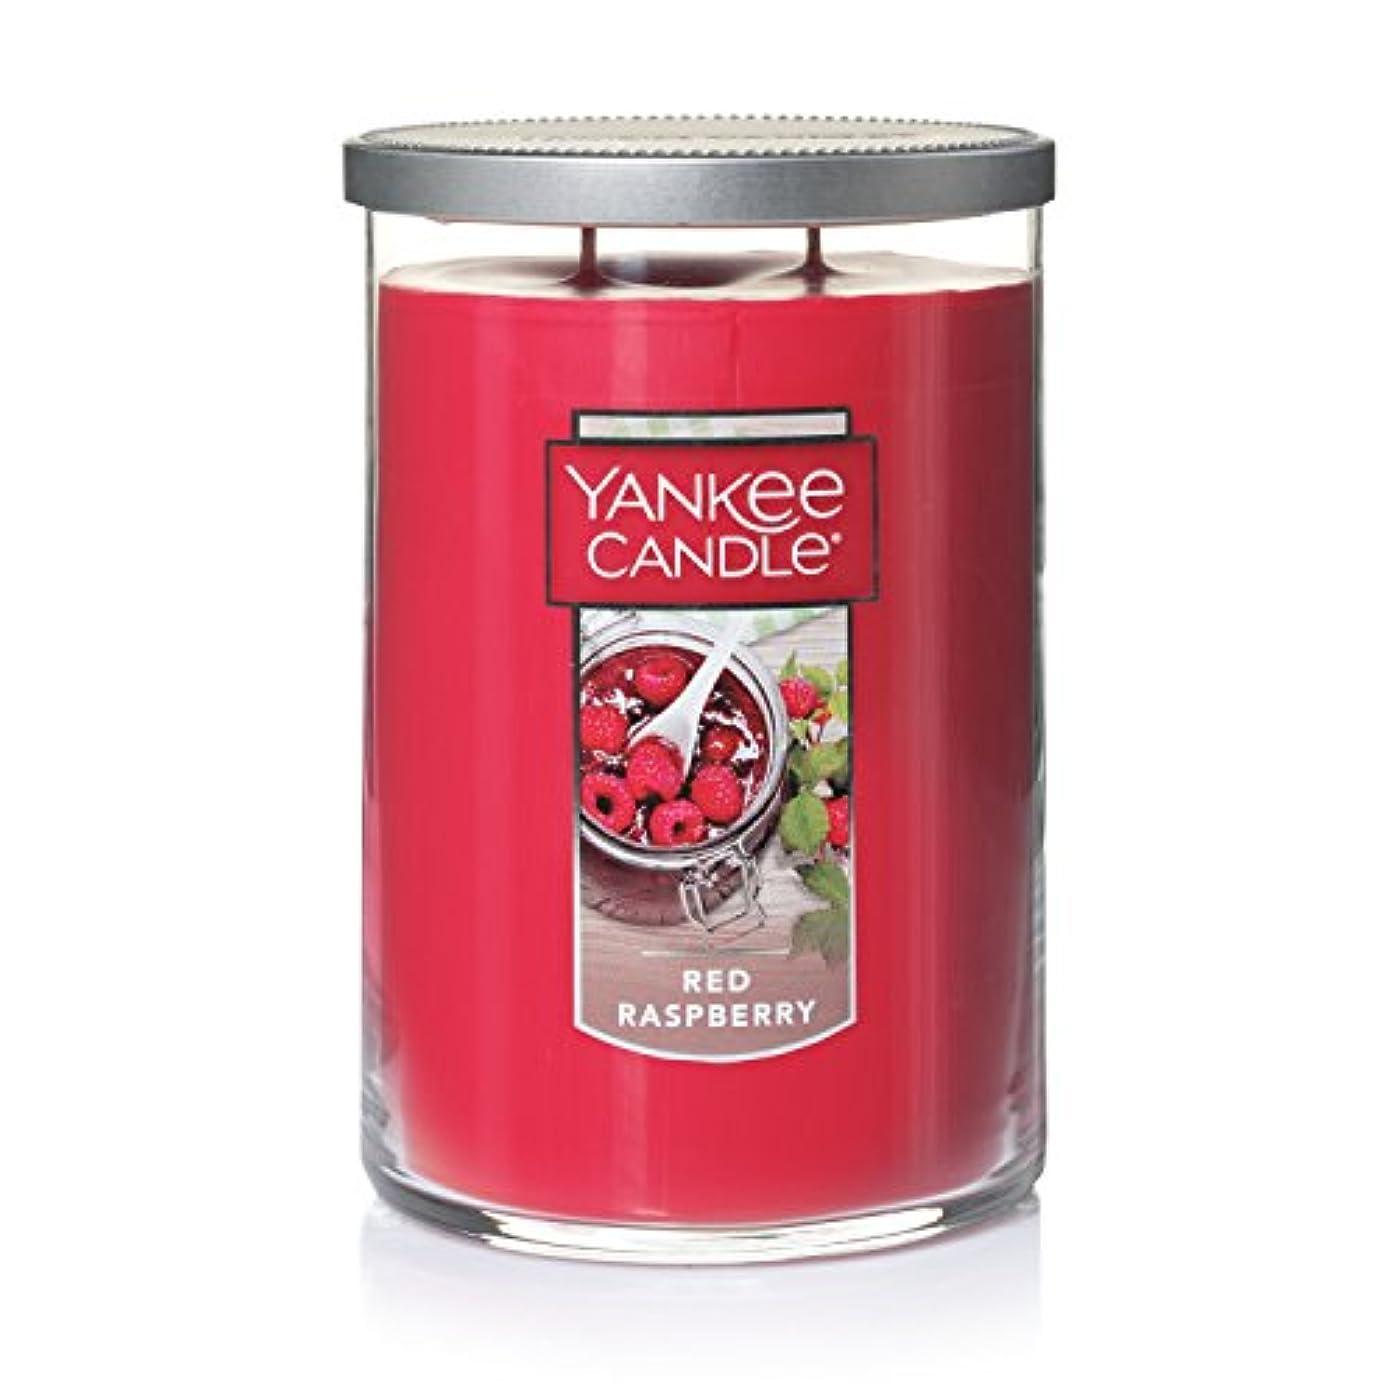 利益普通の学校の先生Yankee Candleレッドラズベリーティーライトキャンドル、フルーツ香り Large 2-Wick Tumbler Candle レッド 1323195